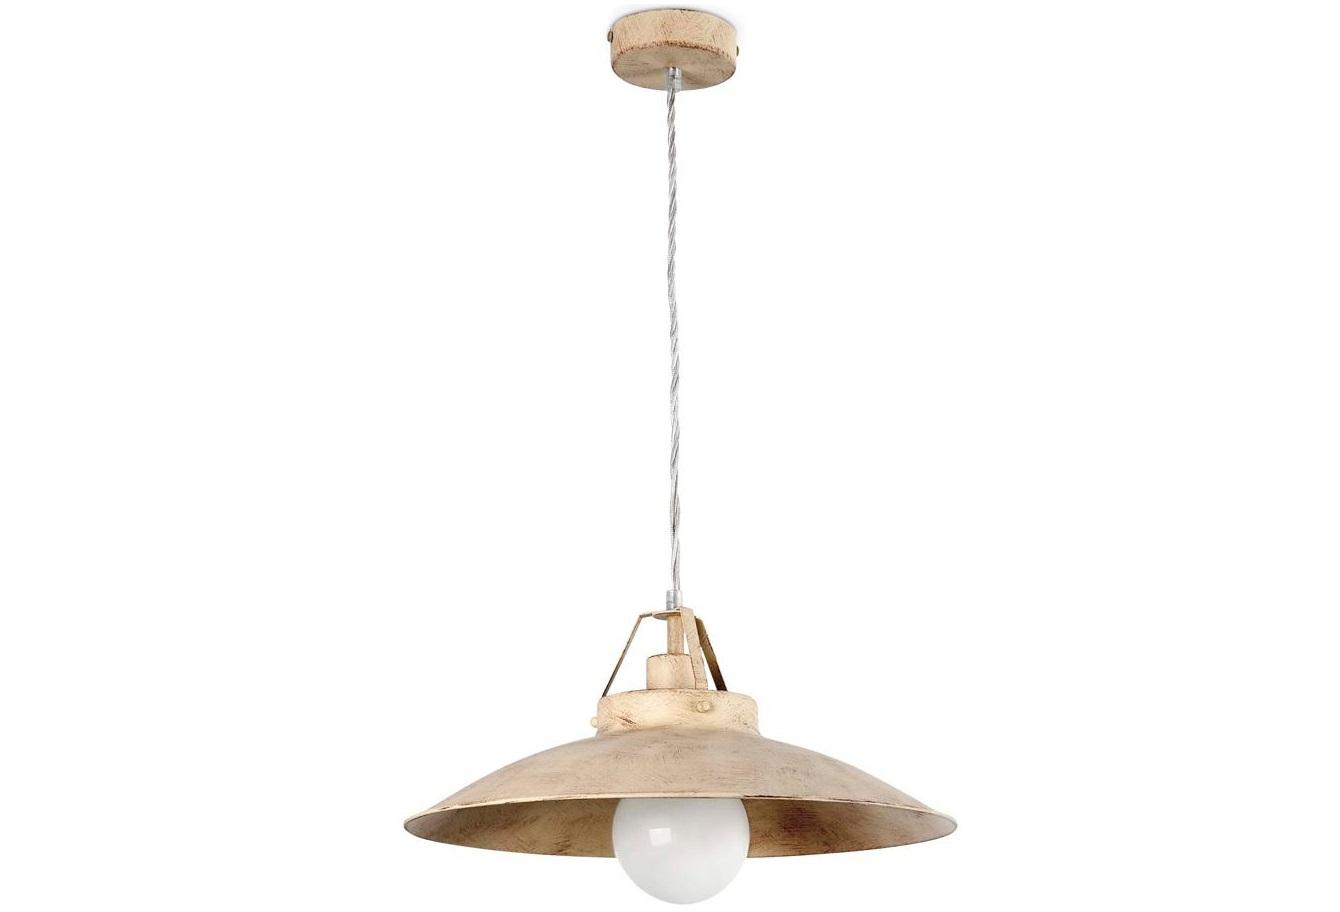 Подвесной светильник TavernПодвесные светильники<br>&amp;lt;div&amp;gt;Дизайнерский светильник Tavern обладает интересной фактурой: выбеленное неравномерное покрытие создает антураж потертого от времени предмета.&amp;lt;/div&amp;gt;&amp;lt;div&amp;gt;&amp;lt;br&amp;gt;&amp;lt;/div&amp;gt;&amp;lt;div&amp;gt;Вид цоколя: E27&amp;amp;nbsp;&amp;lt;/div&amp;gt;&amp;lt;div&amp;gt;Мощность: 60W&amp;lt;/div&amp;gt;&amp;lt;div&amp;gt;Количество ламп: 1&amp;lt;/div&amp;gt;<br><br>Material: Металл<br>Height см: 90<br>Diameter см: 40